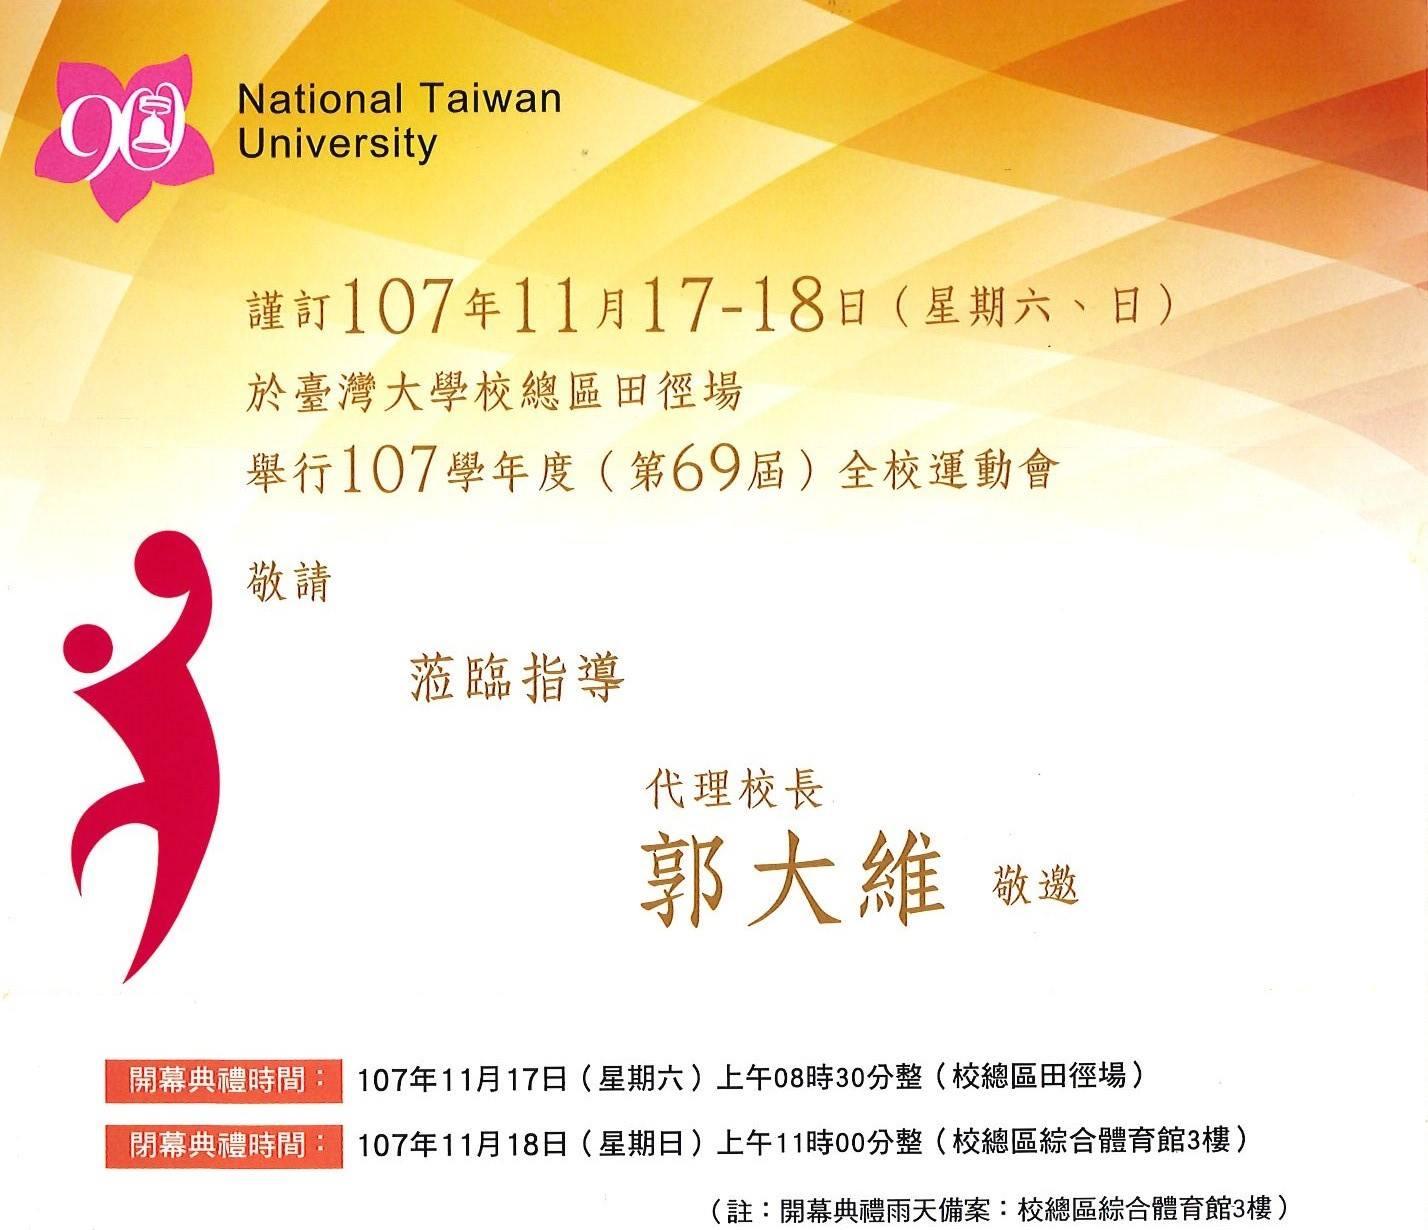 【107學年度全校運動會】11月17日熱鬧展開